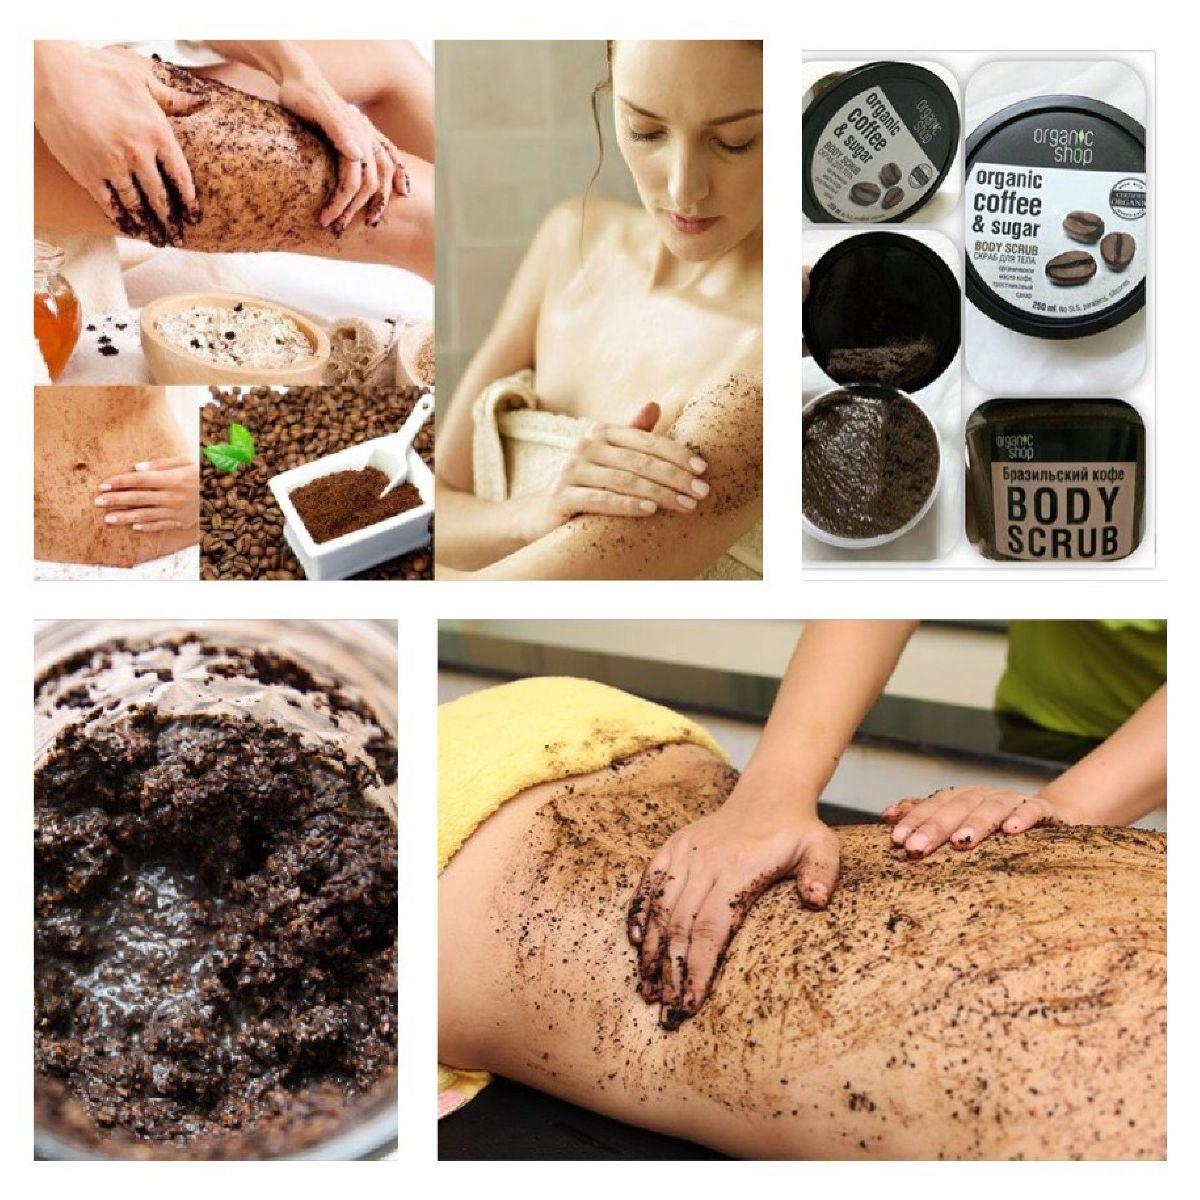 Sản phẩm giúp loại bỏ đi lớp bụi bẩn và tế bào chết trên da hiệu quả 1